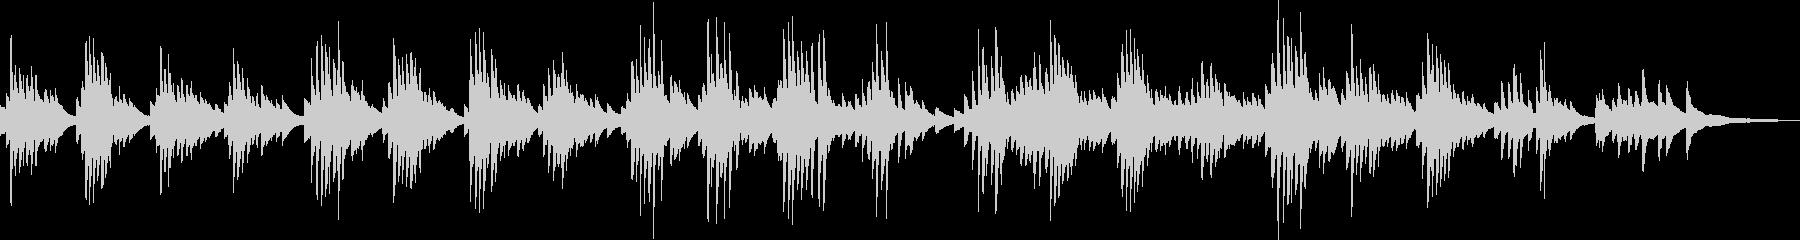 切ないピアノバラード(哀愁・都会)の未再生の波形